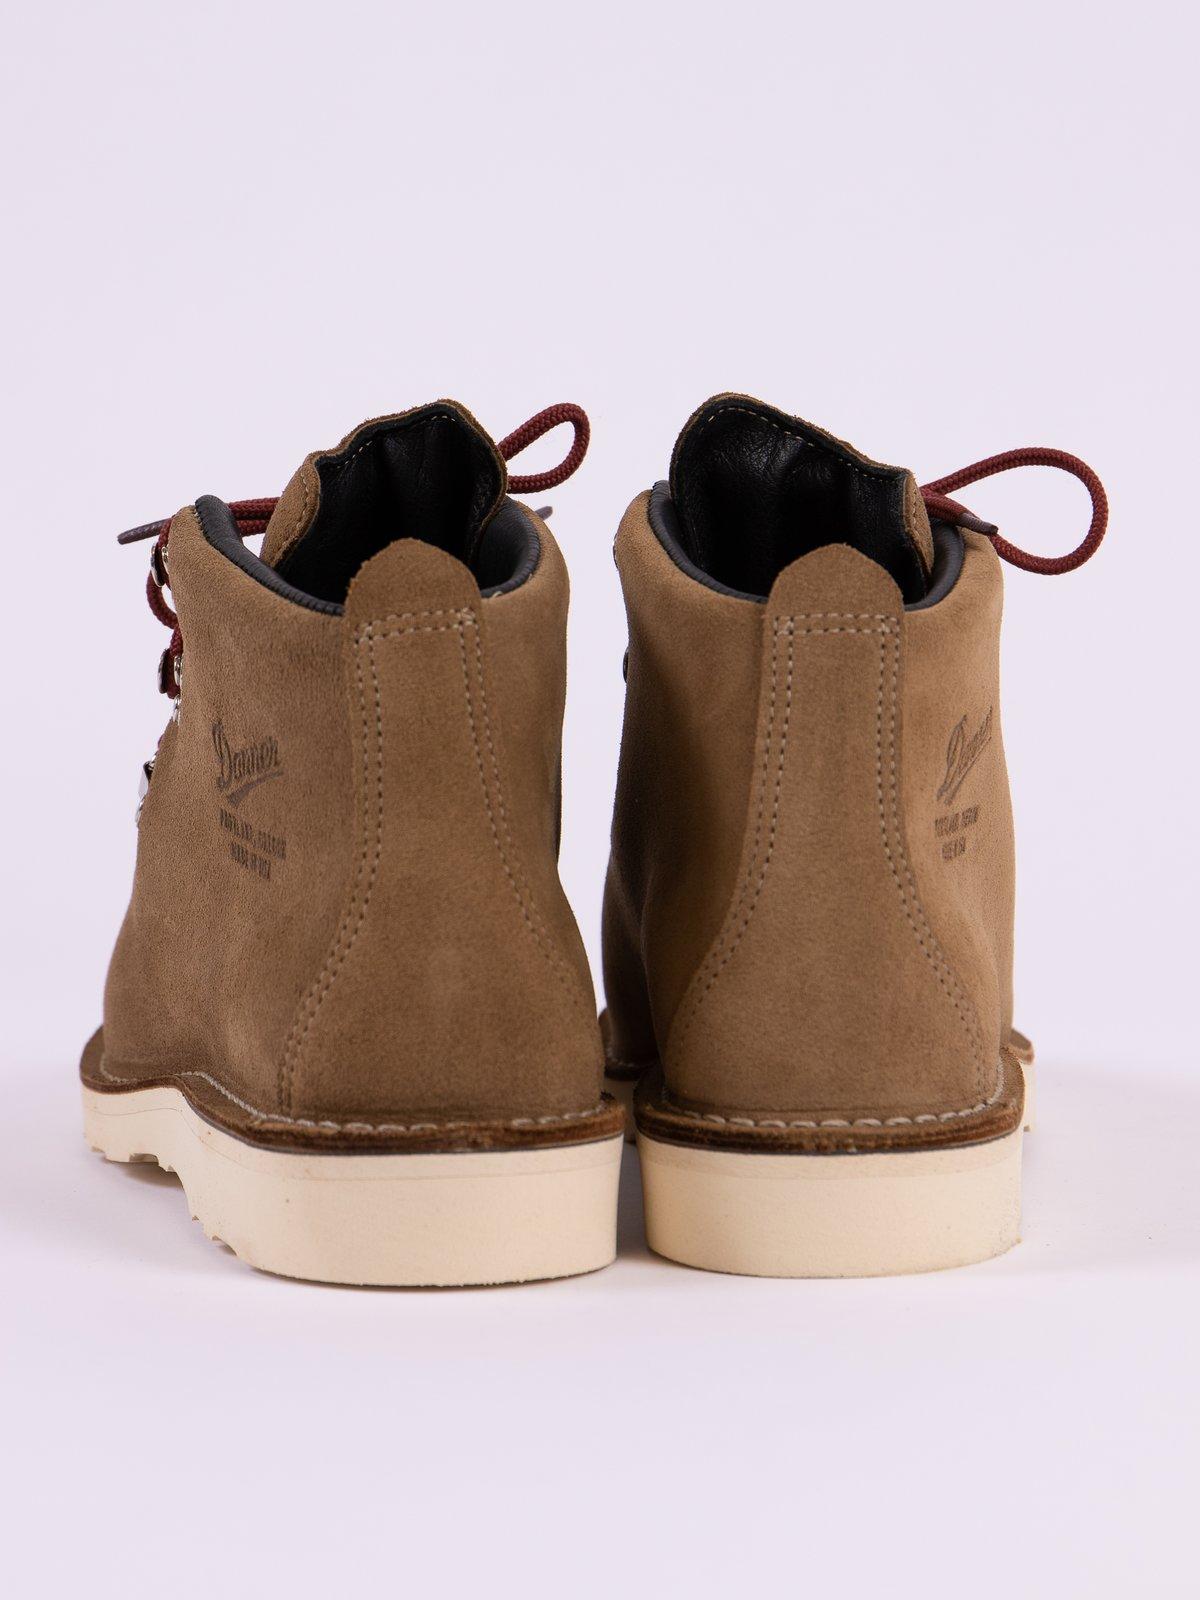 Tan Mountain Light Overton Boot - Image 6